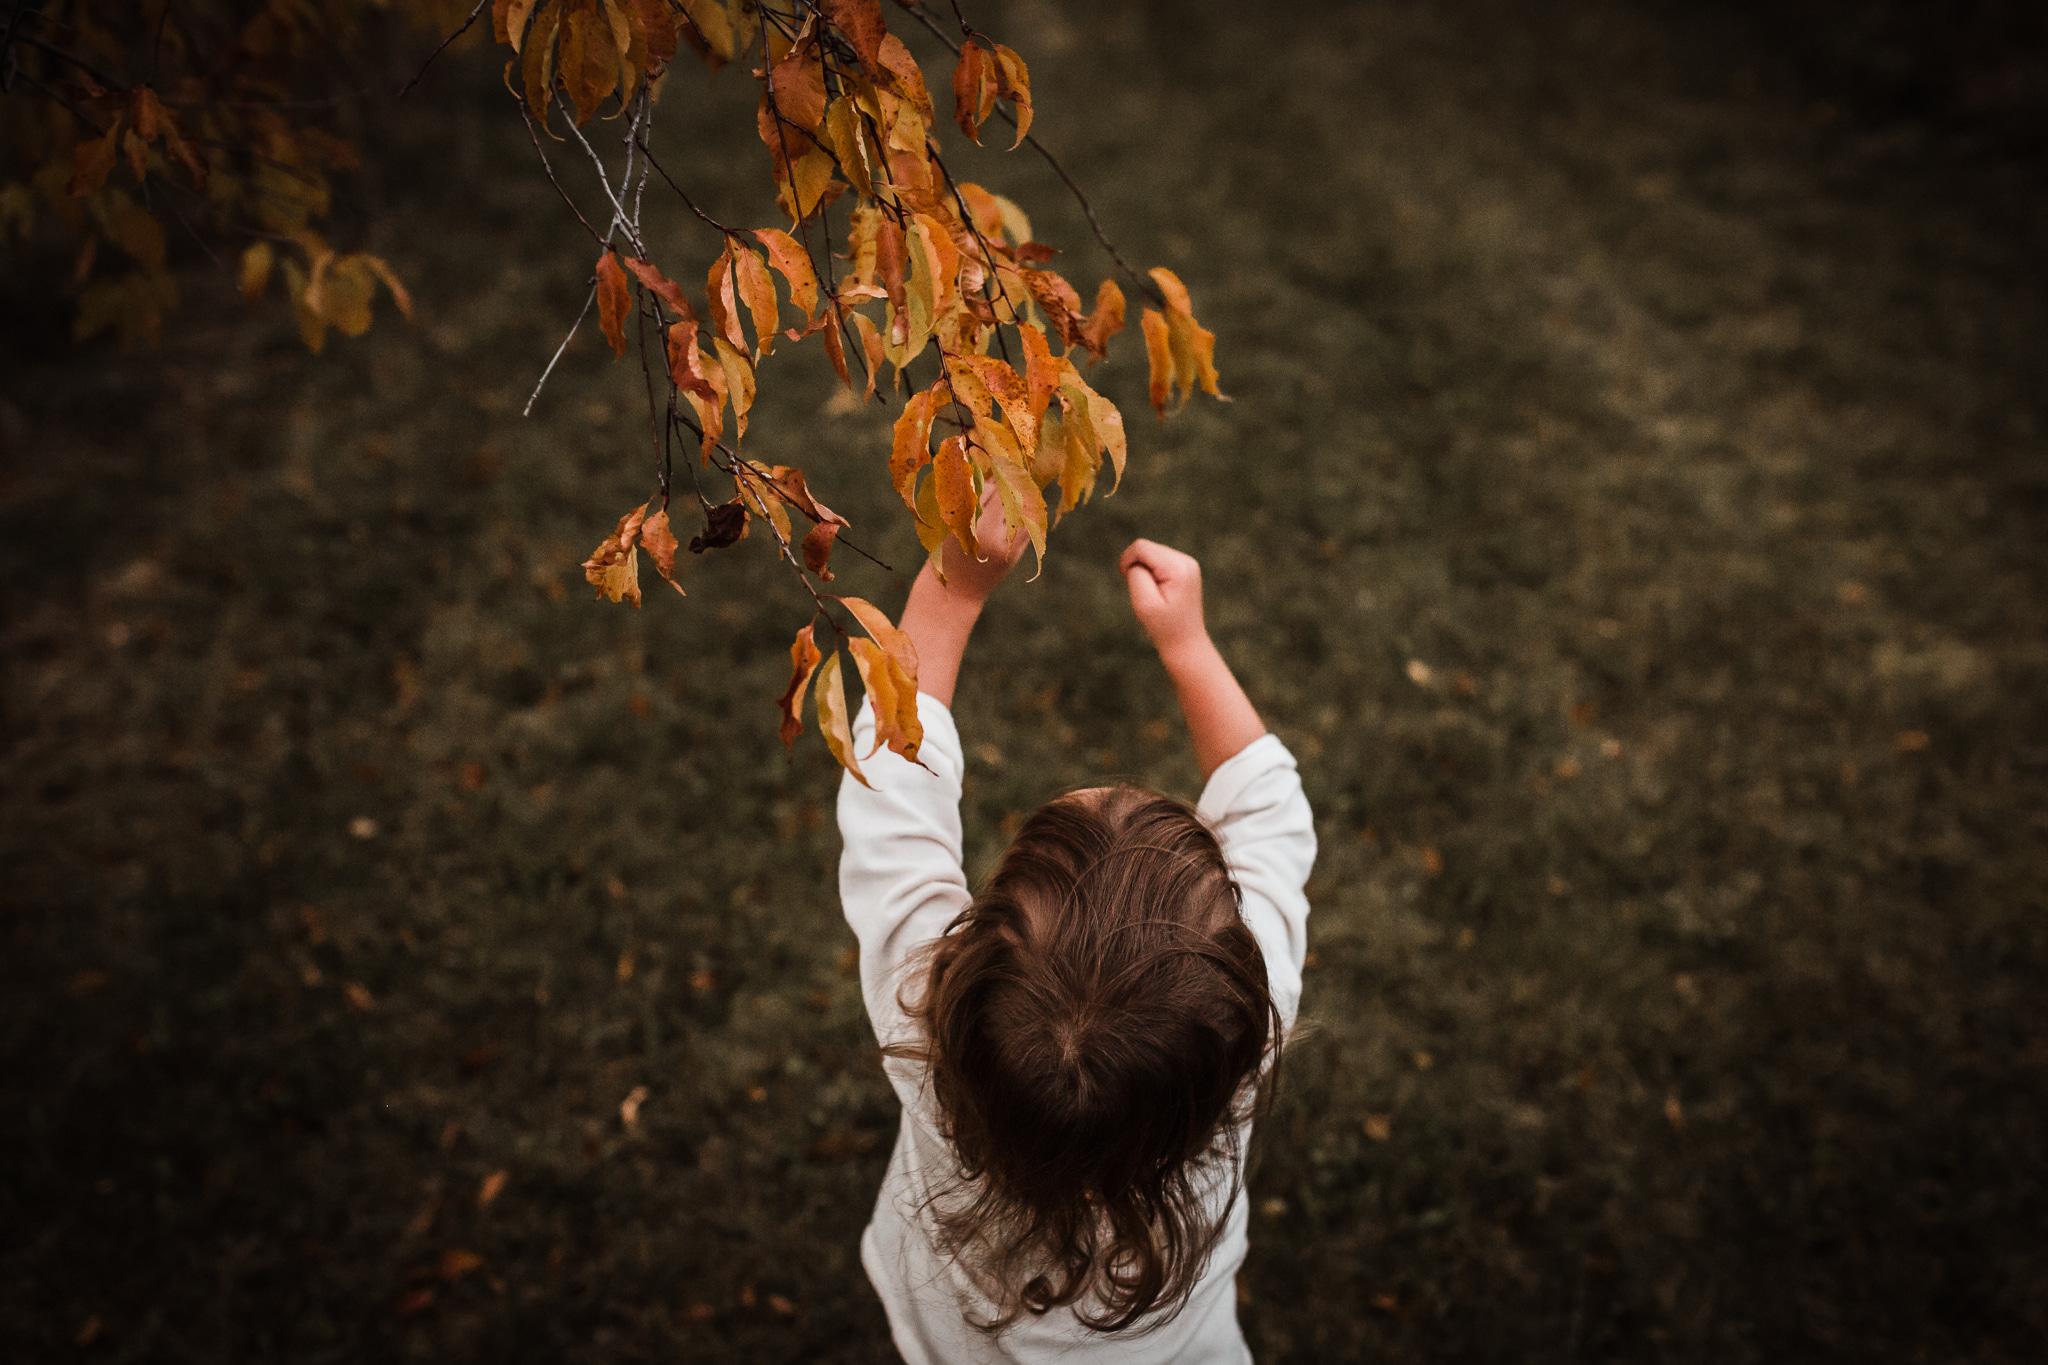 Alina-Joy-Photography-Cold-Lake-Lifestyle-Photographer-288.jpg